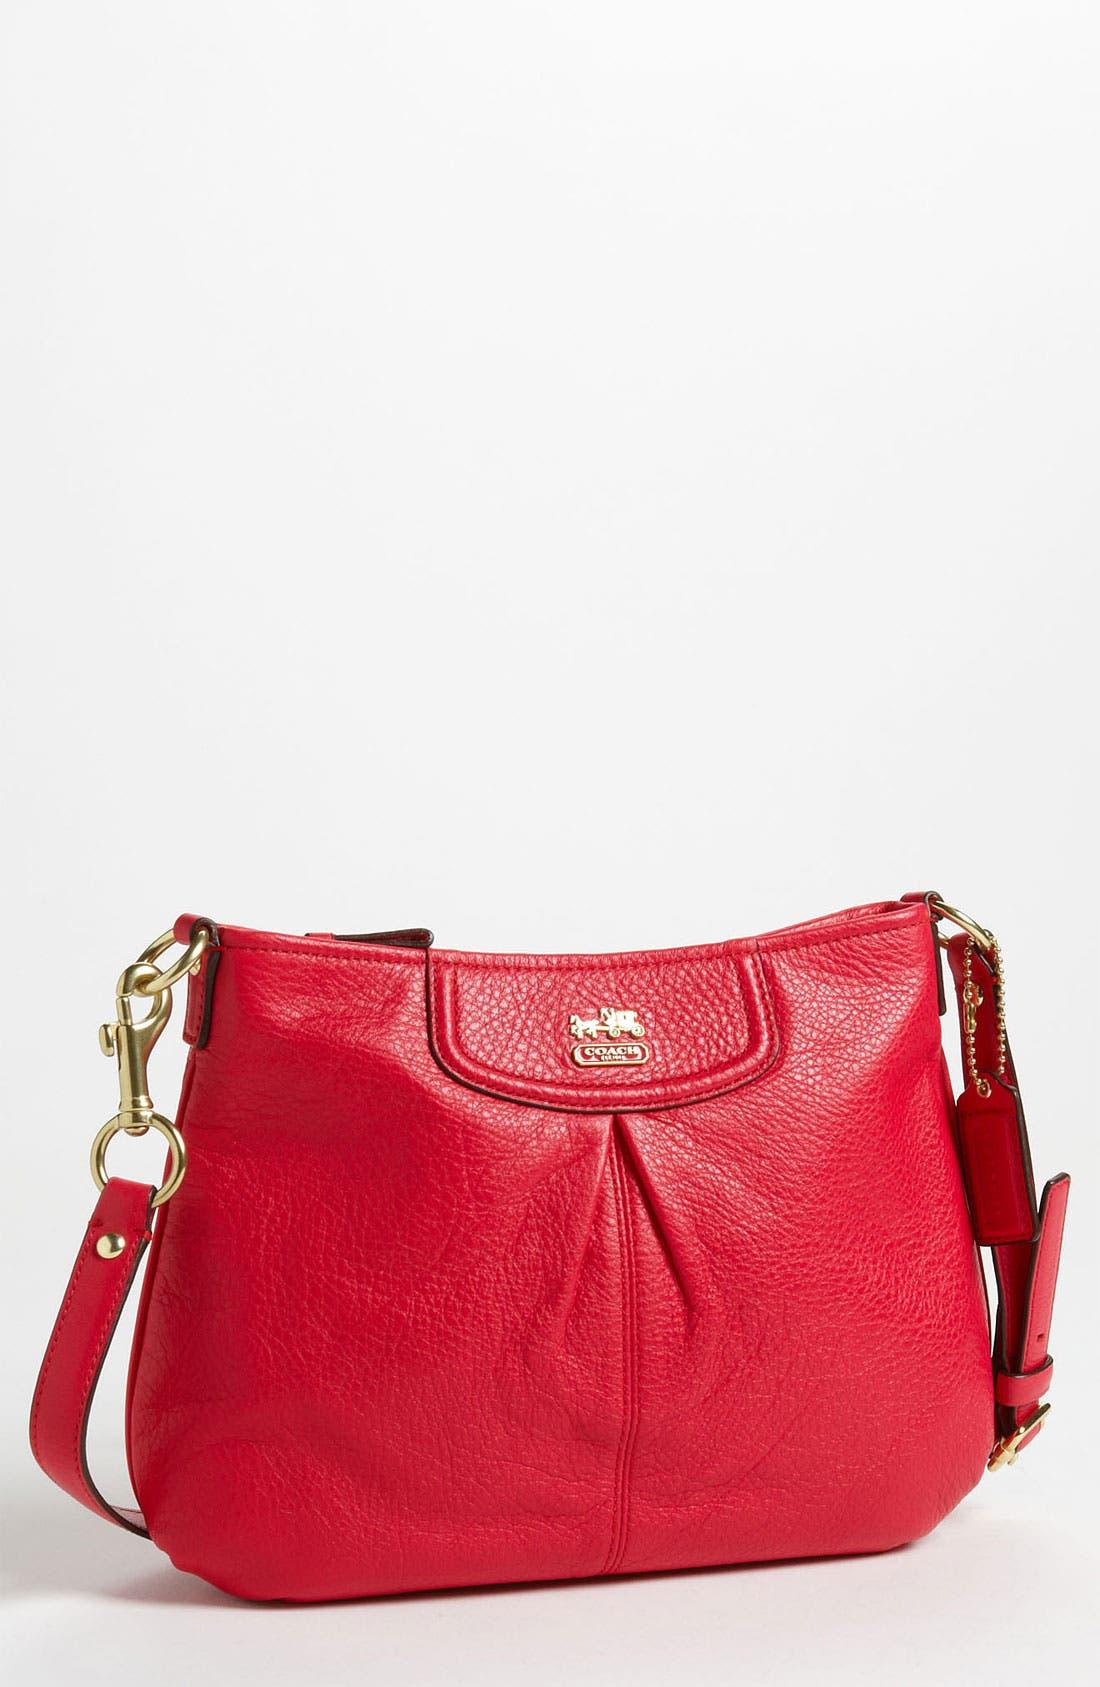 Main Image - COACH 'Madison - Swingpack' Leather Crossbody Bag